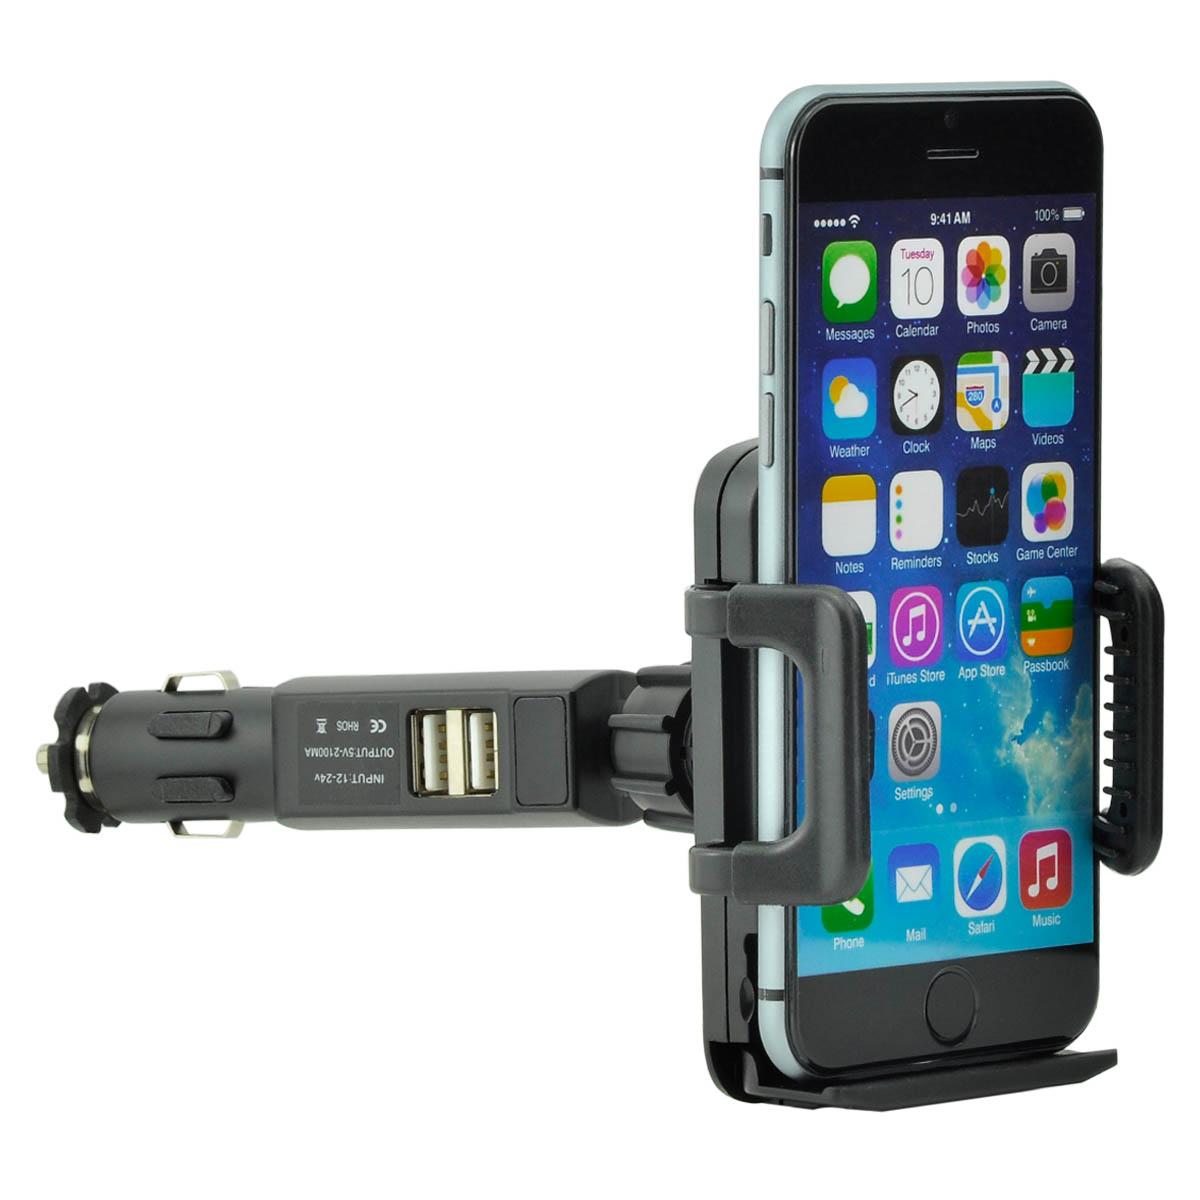 Kfz Ladekabel Iphone Se